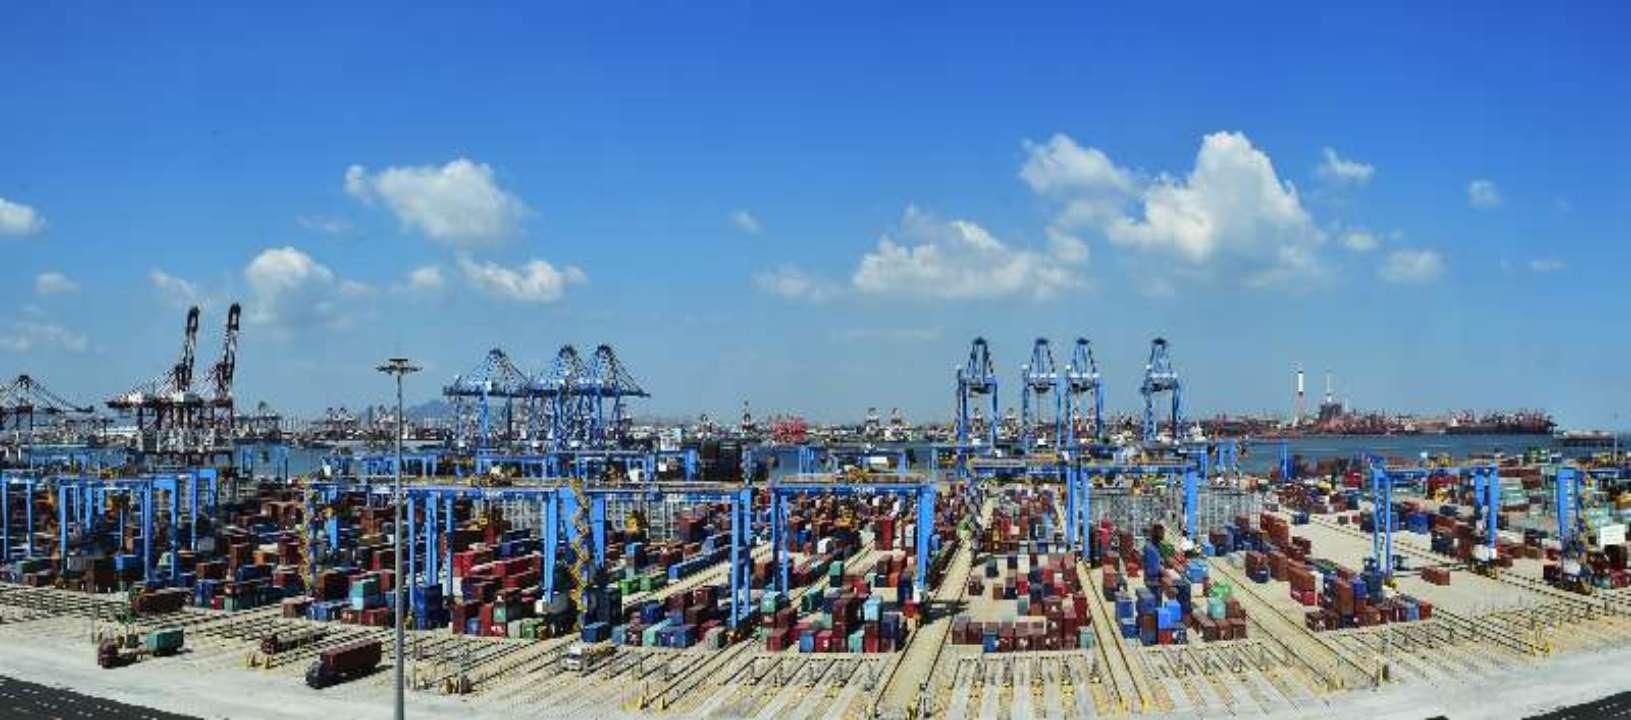 青岛港自动化码头成功完成全球首例5G智慧码头方案验证